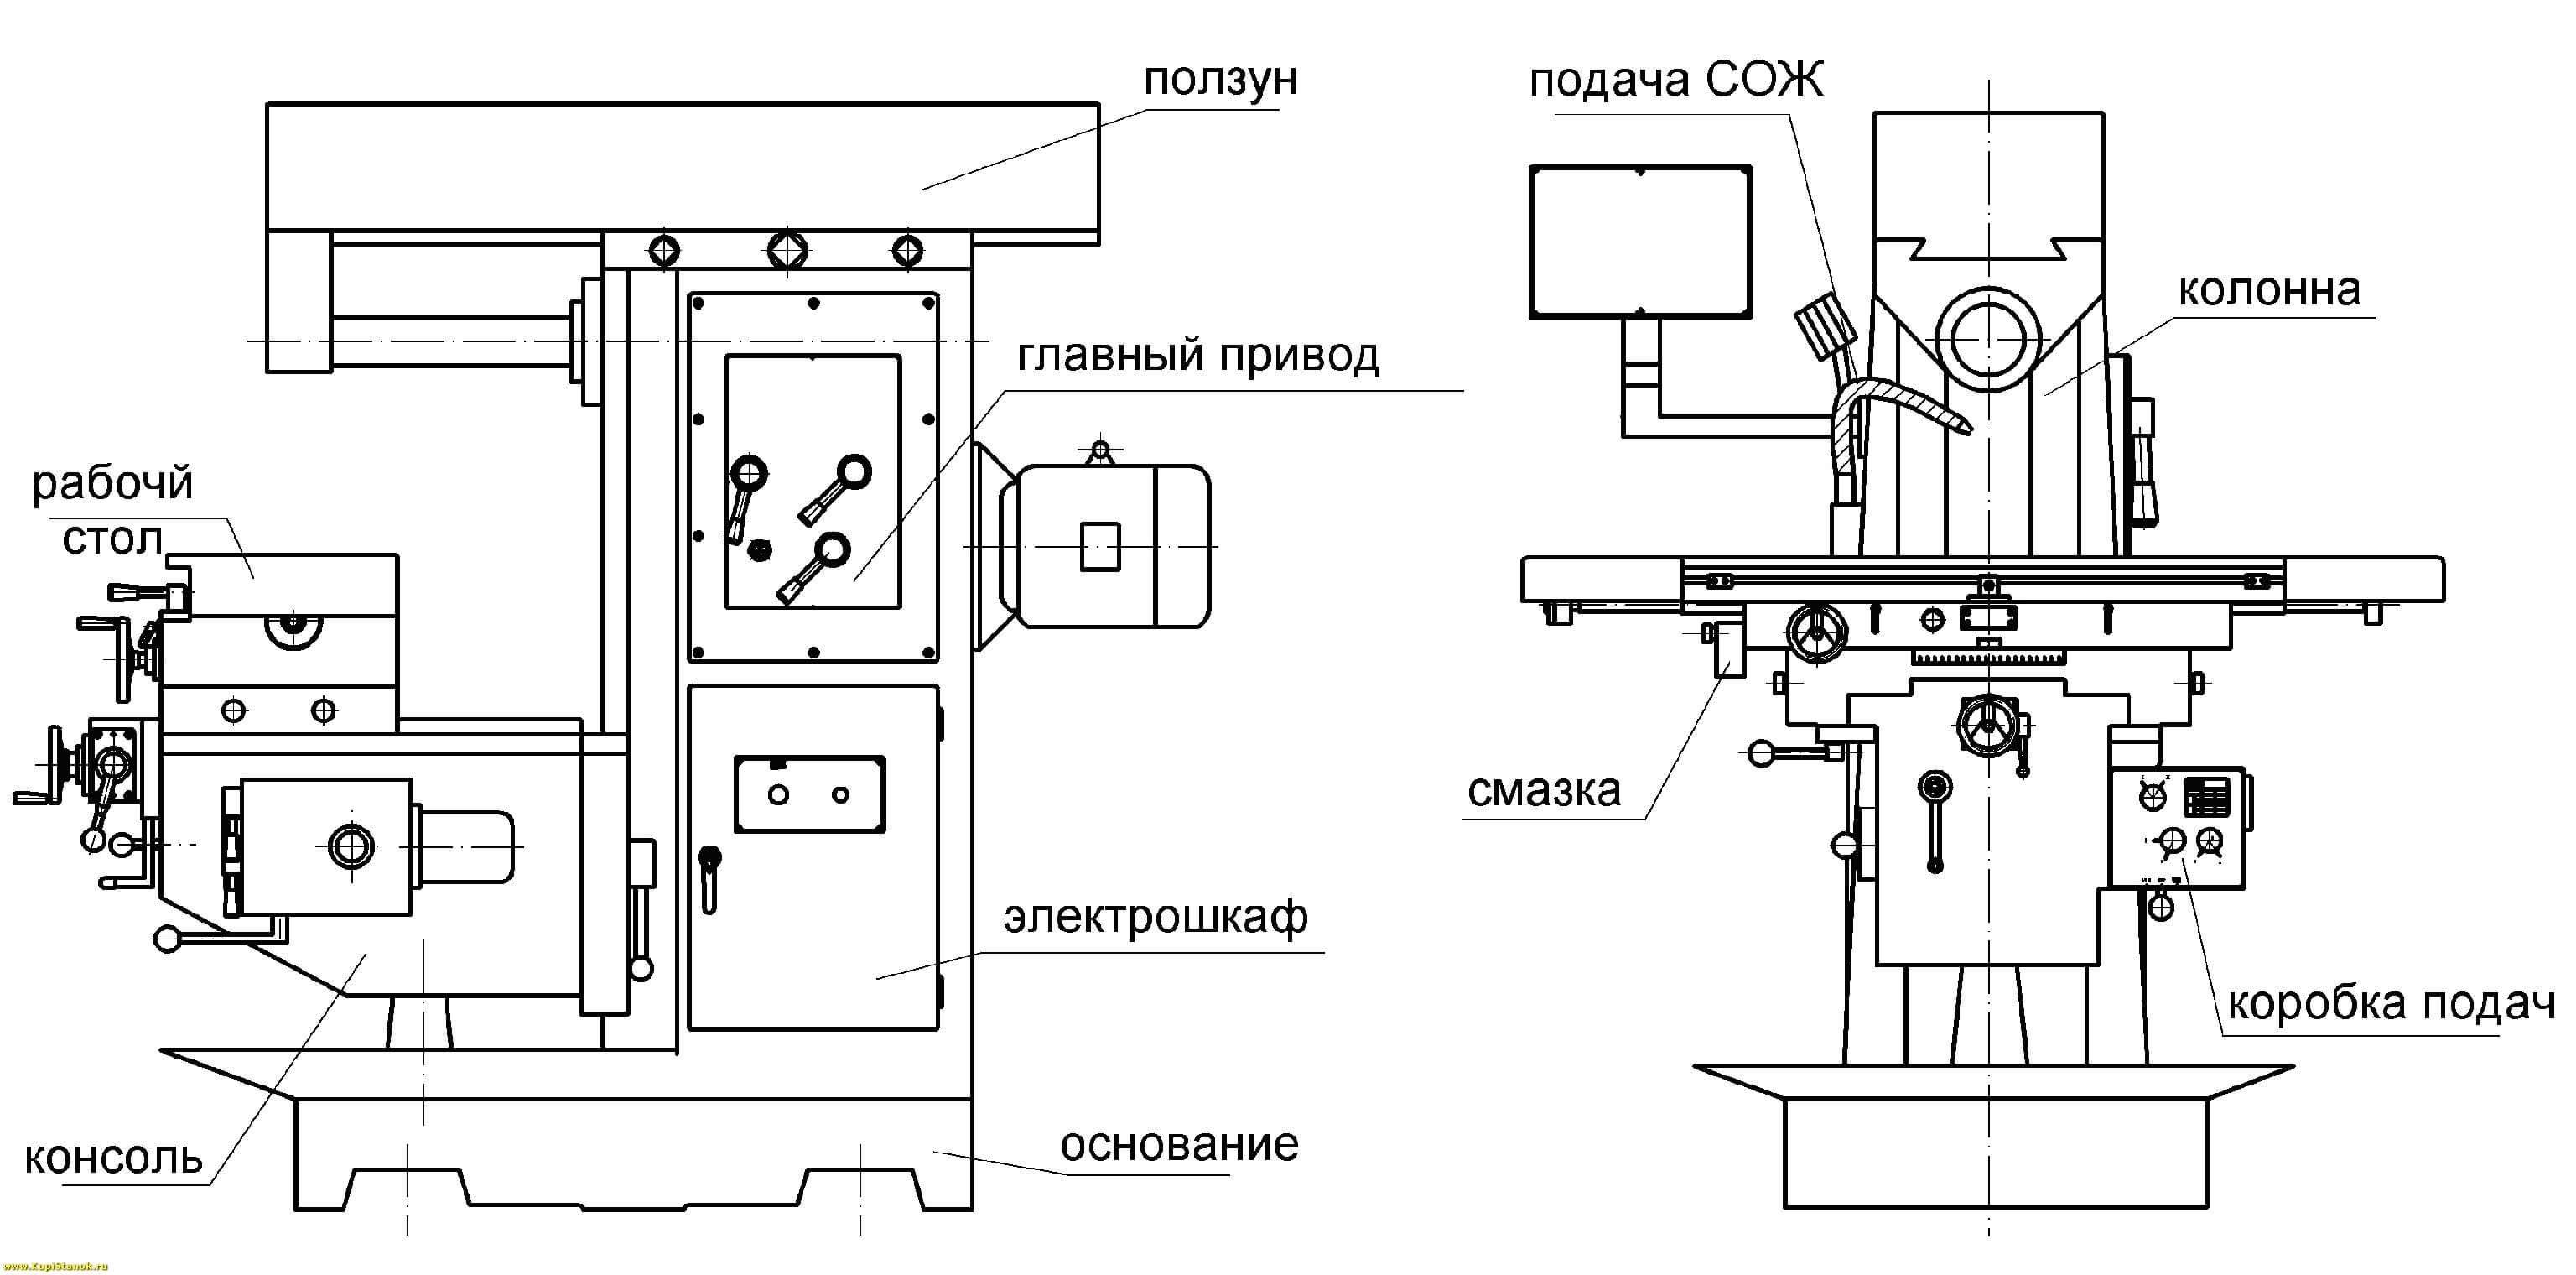 XW6136 с УЦИ